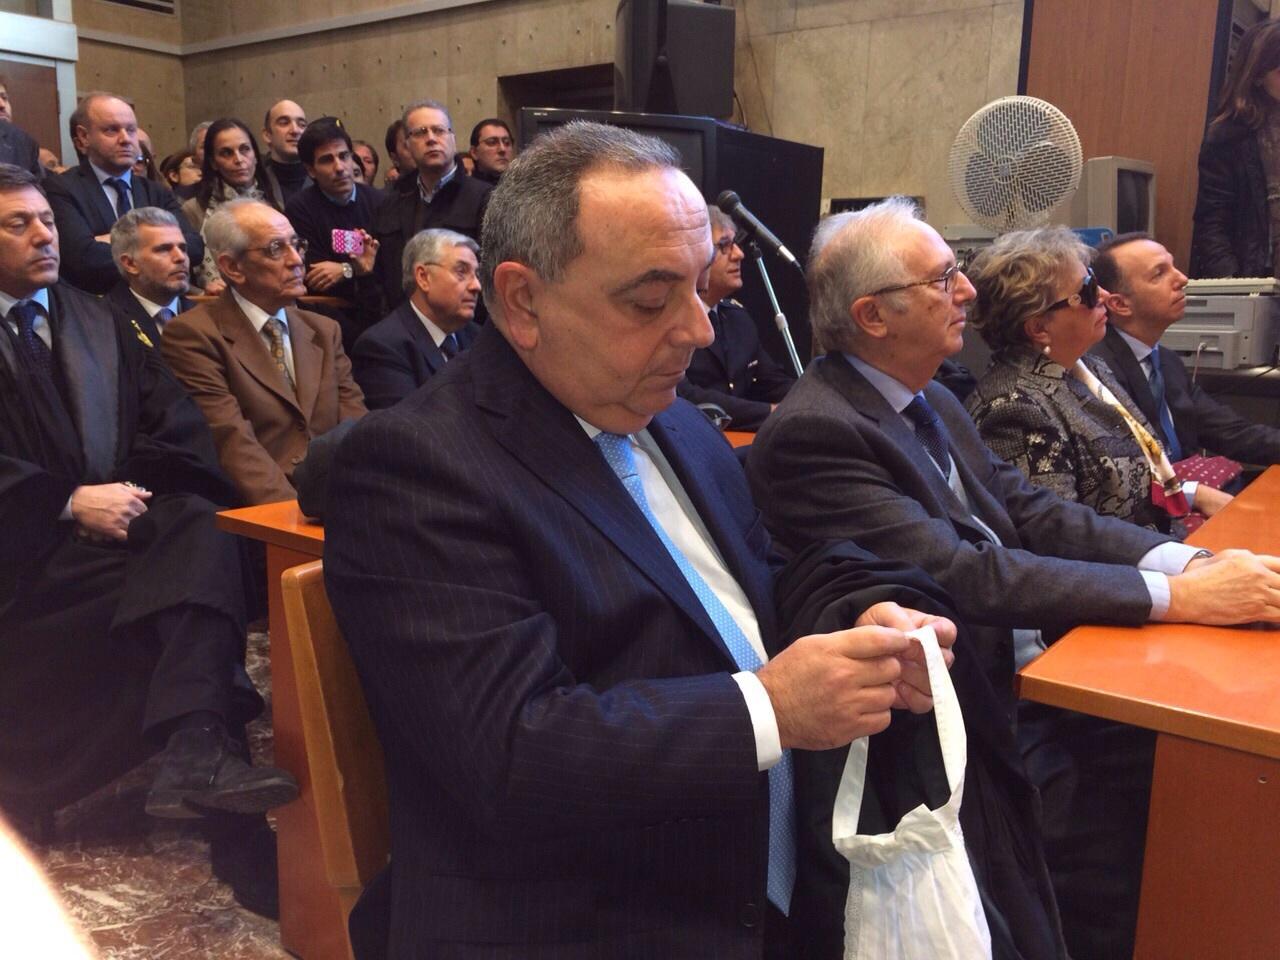 La Procura deposita l'istanza di fallimento per il Palermo Calcio